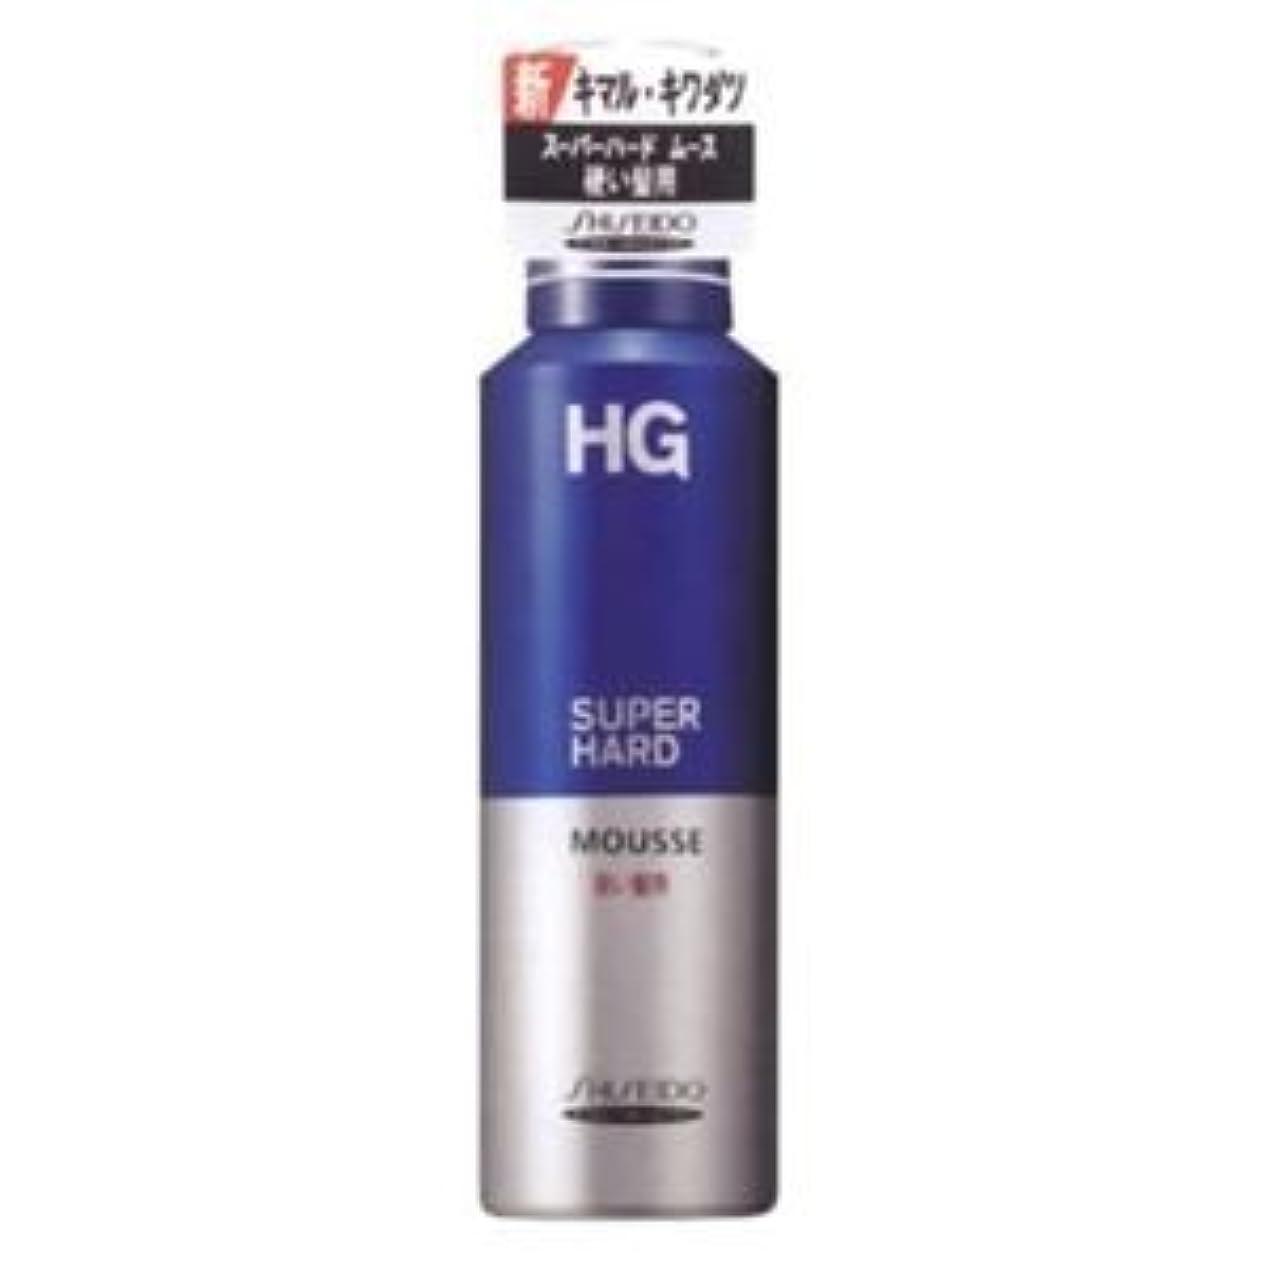 手紙を書く指標致死HG スーパーハードムース 硬い髪用